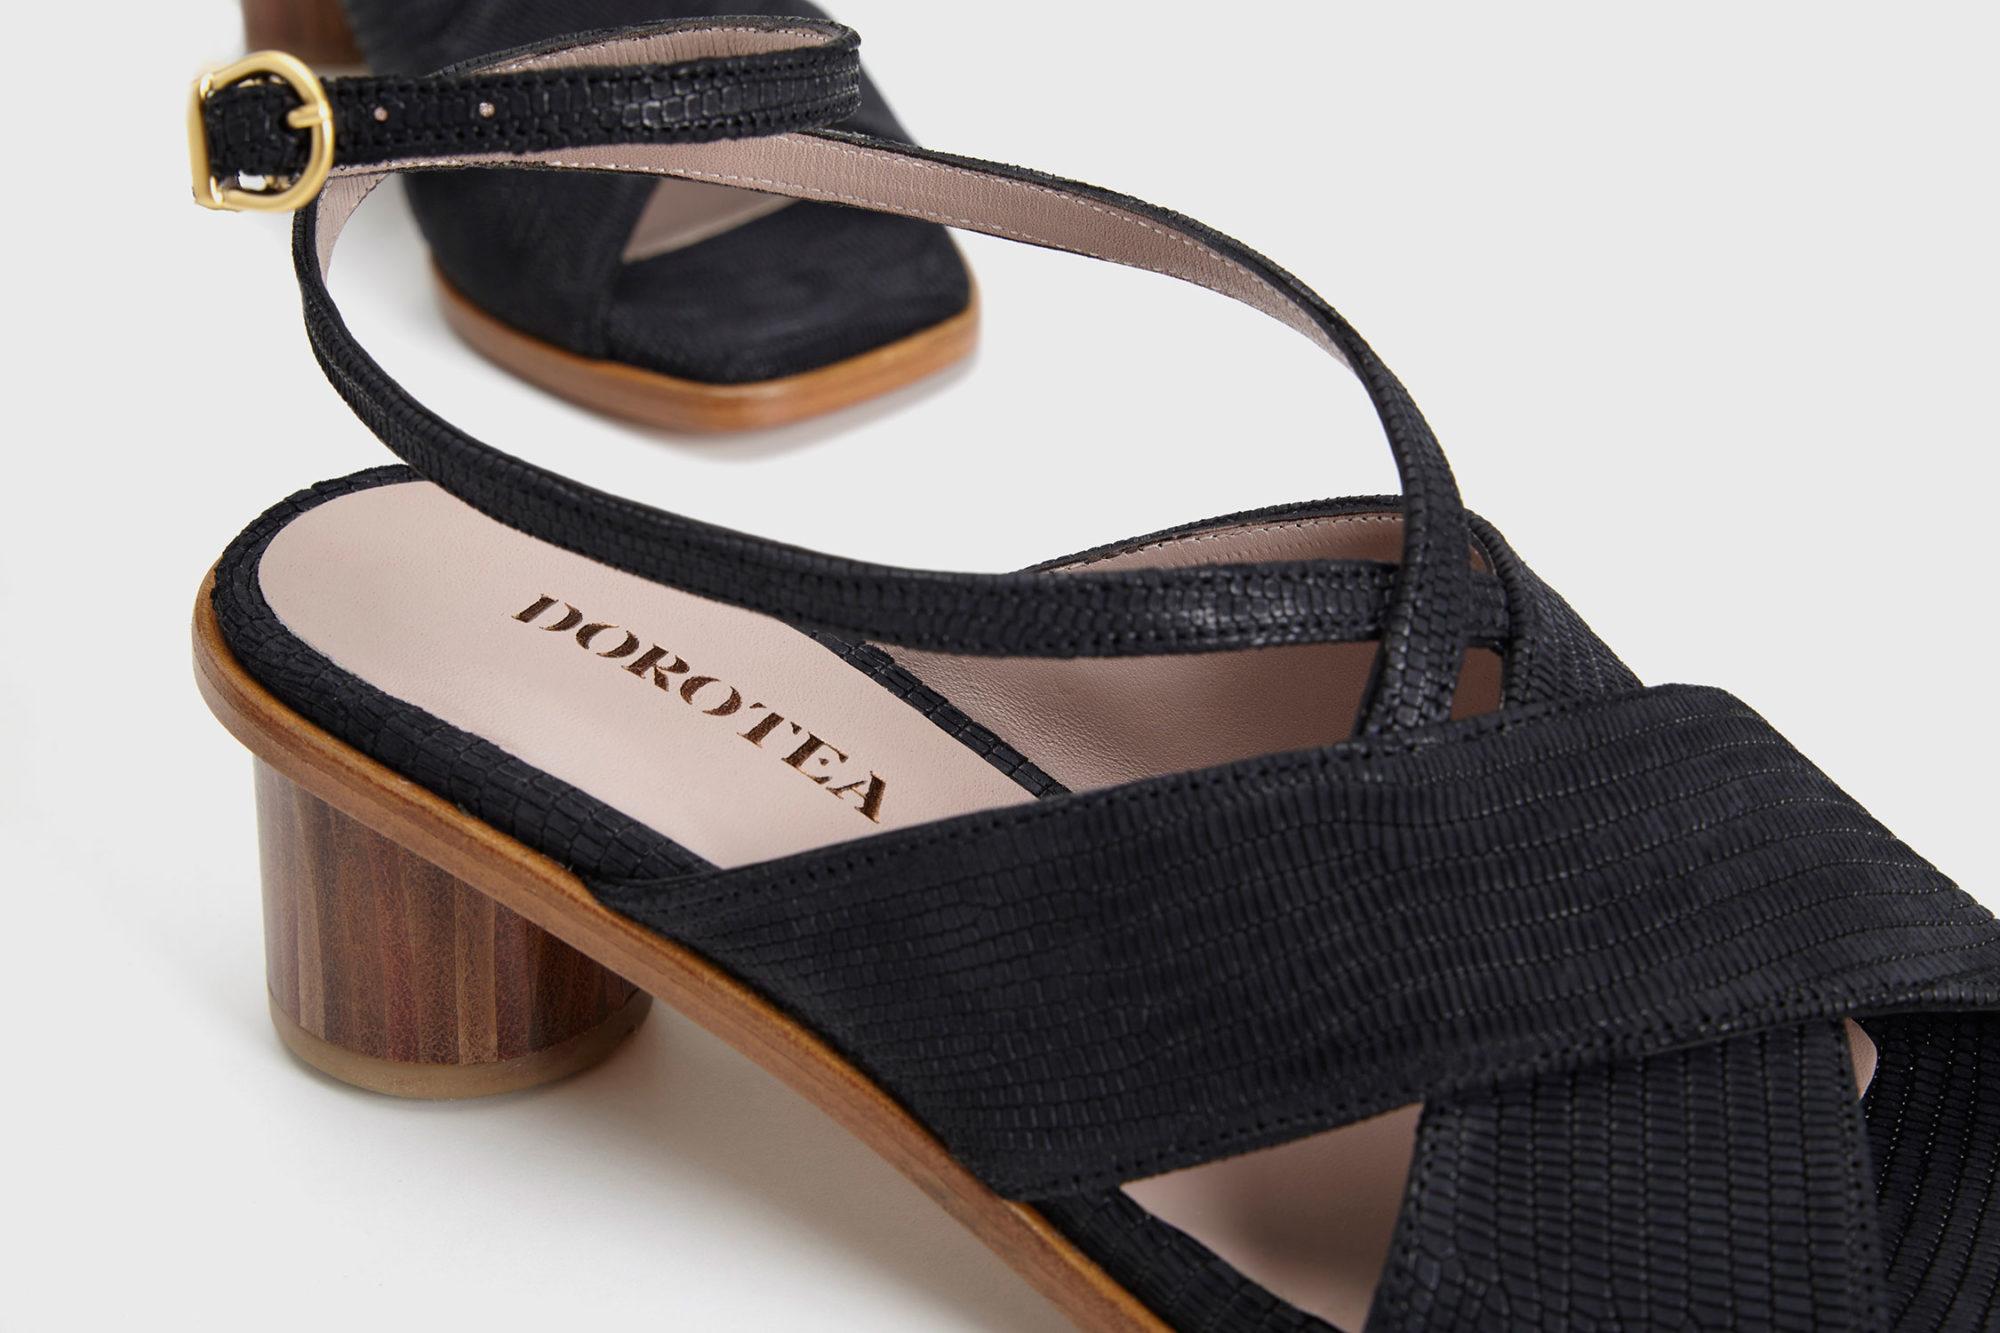 Dorotea sandalia de tacón medio Daphne negra ss17 detalle